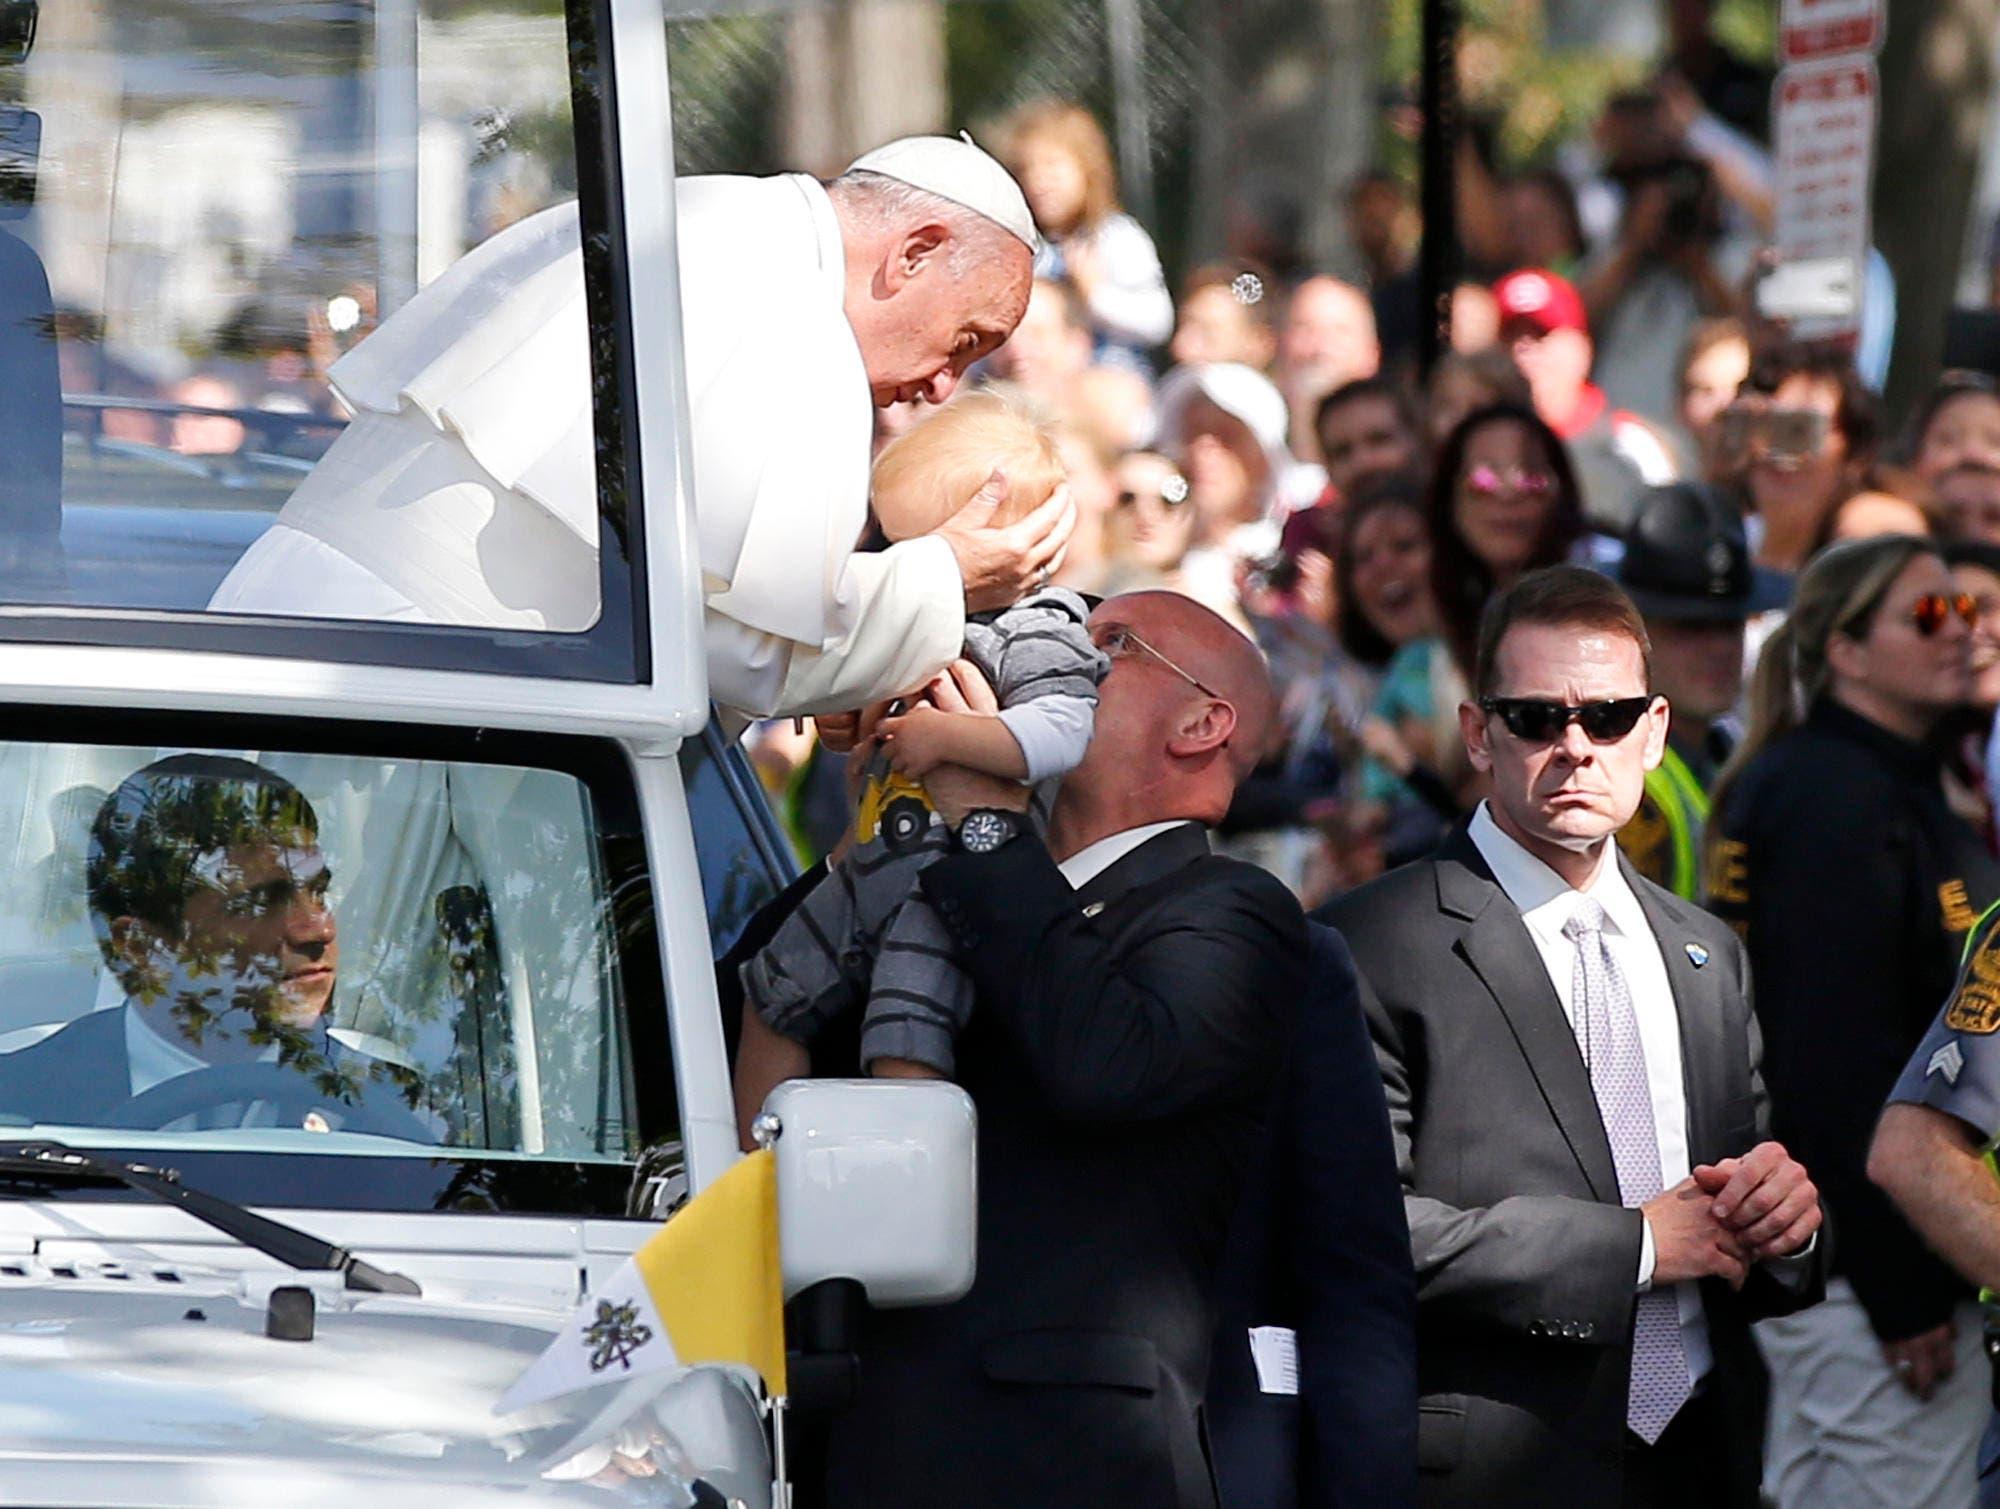 Der Chef der Gendarmerie bringt ein Kind aus der Menge zum Papst. (Bild: AP Photo / Alex Brandon / Pool)